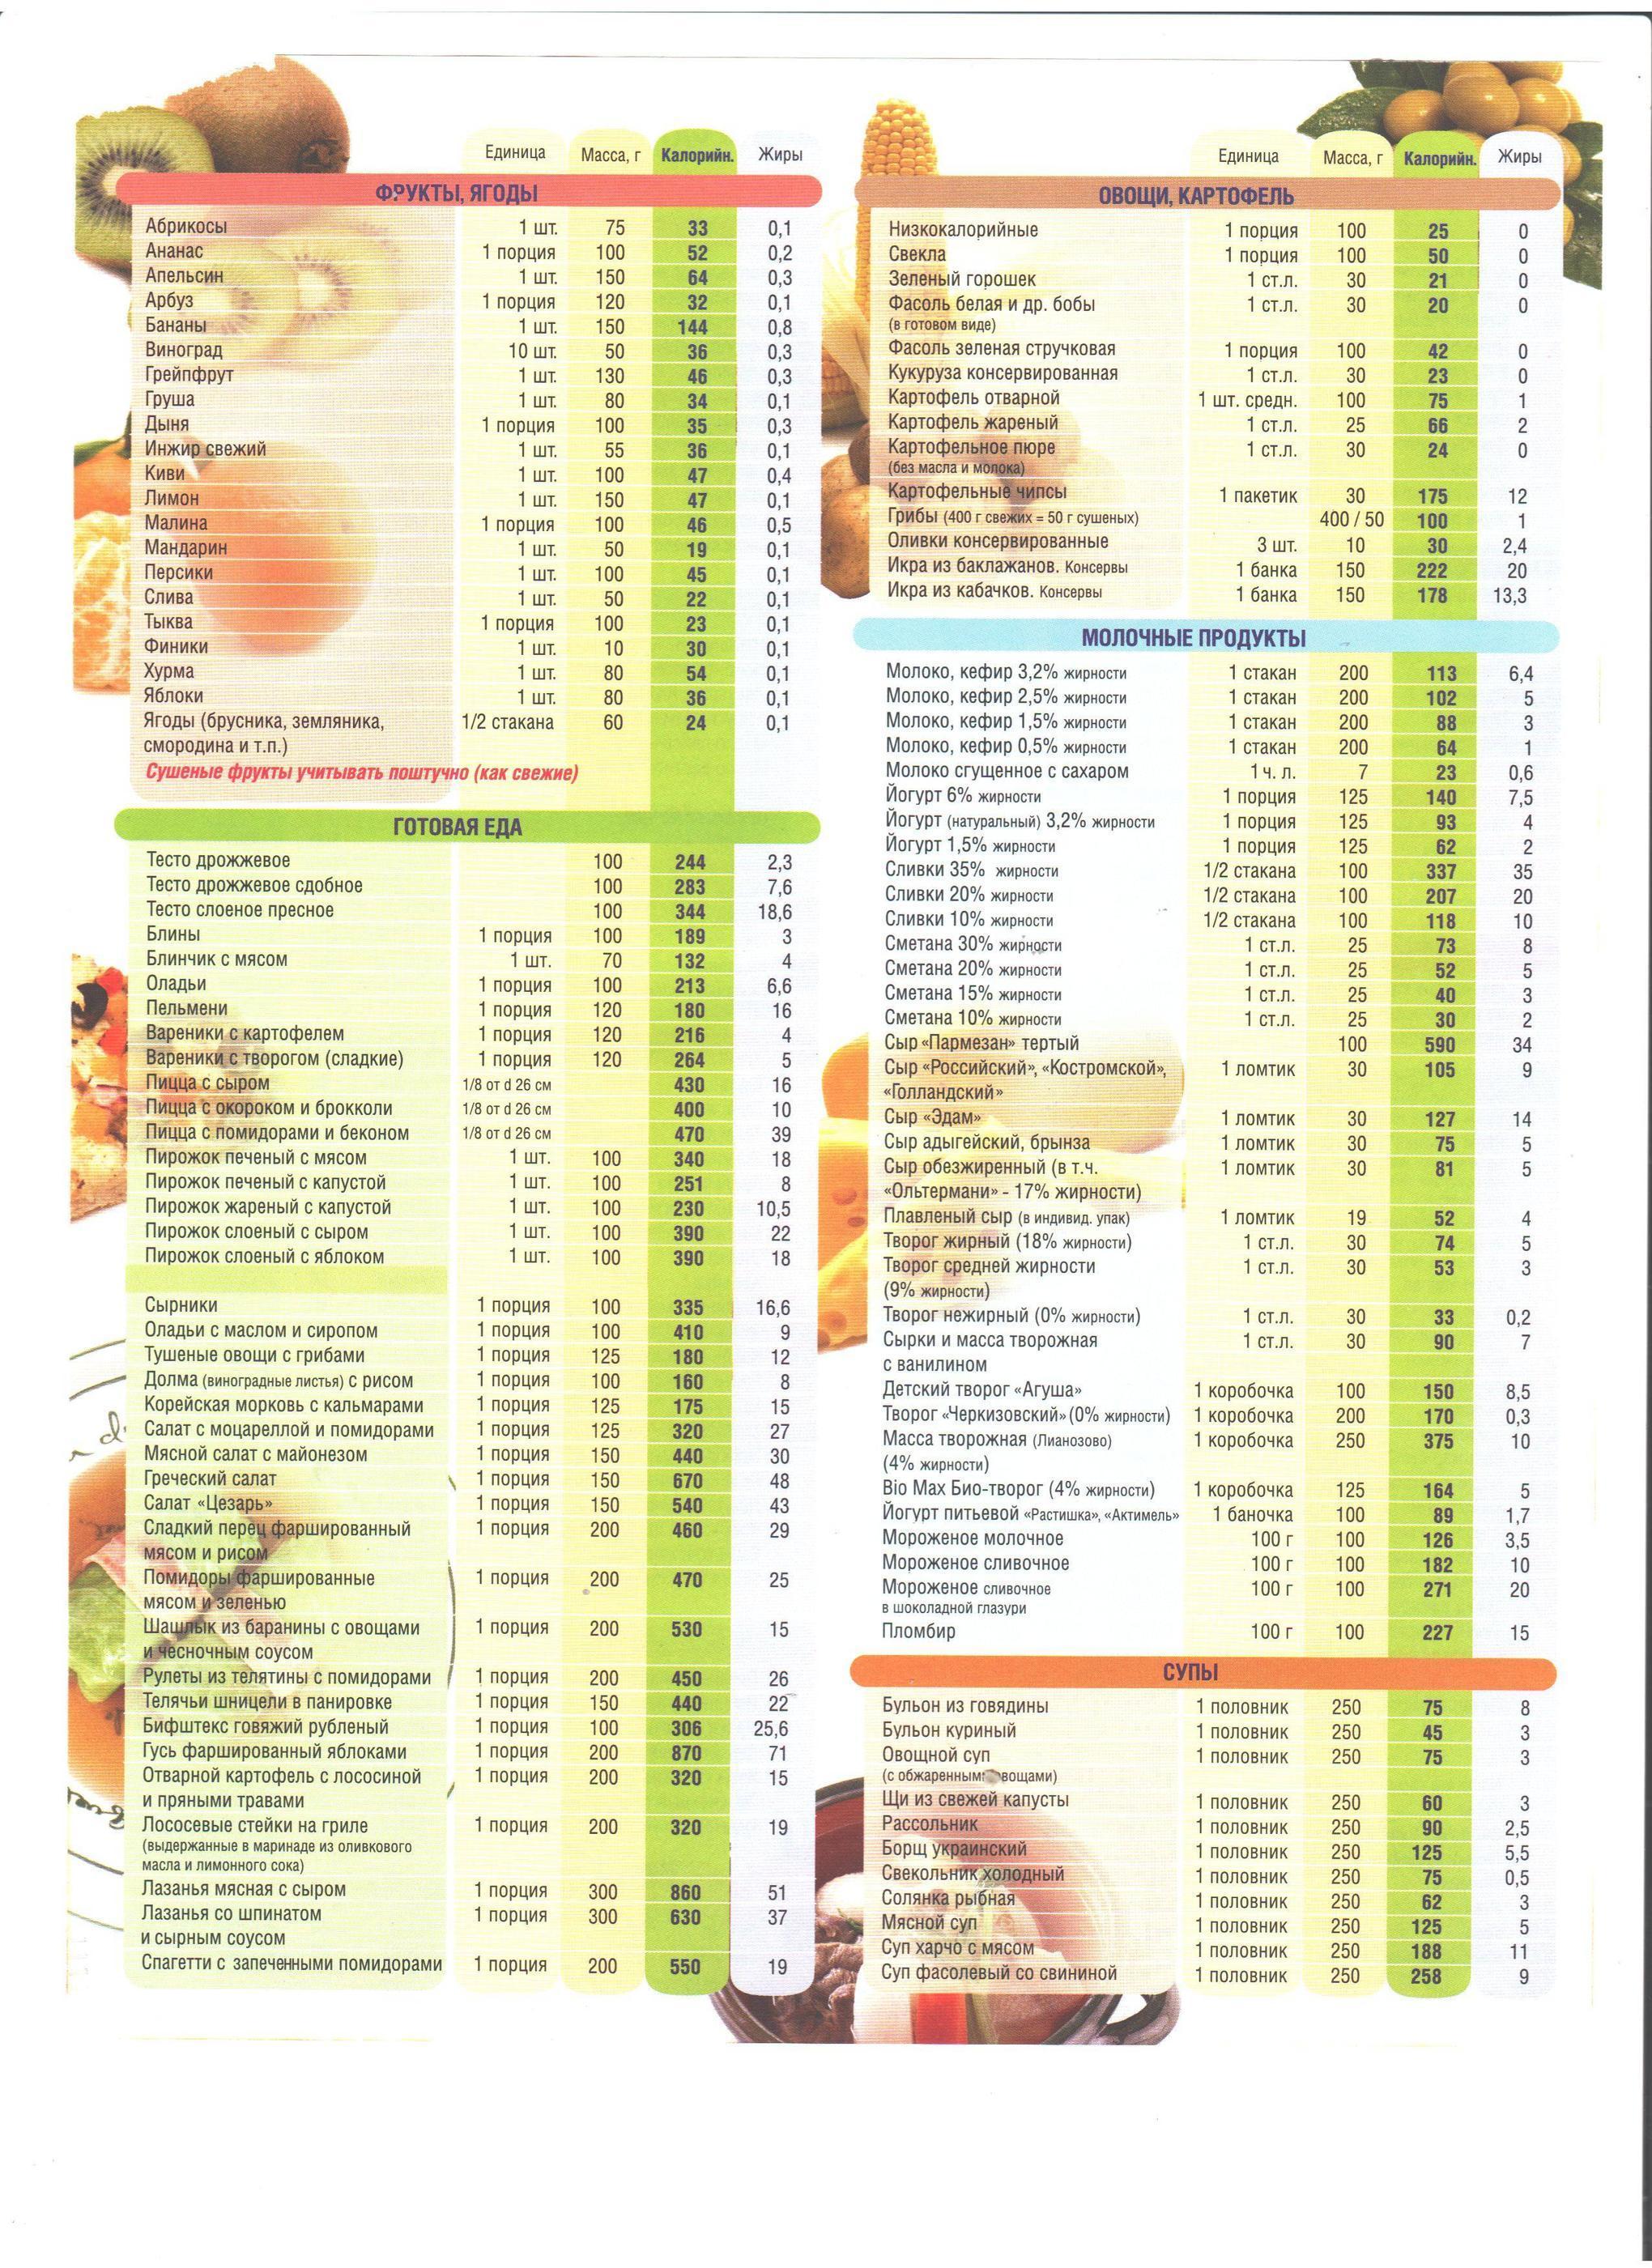 Низкокалорийные продукты для похудения - таблица: рацион питания и блюда